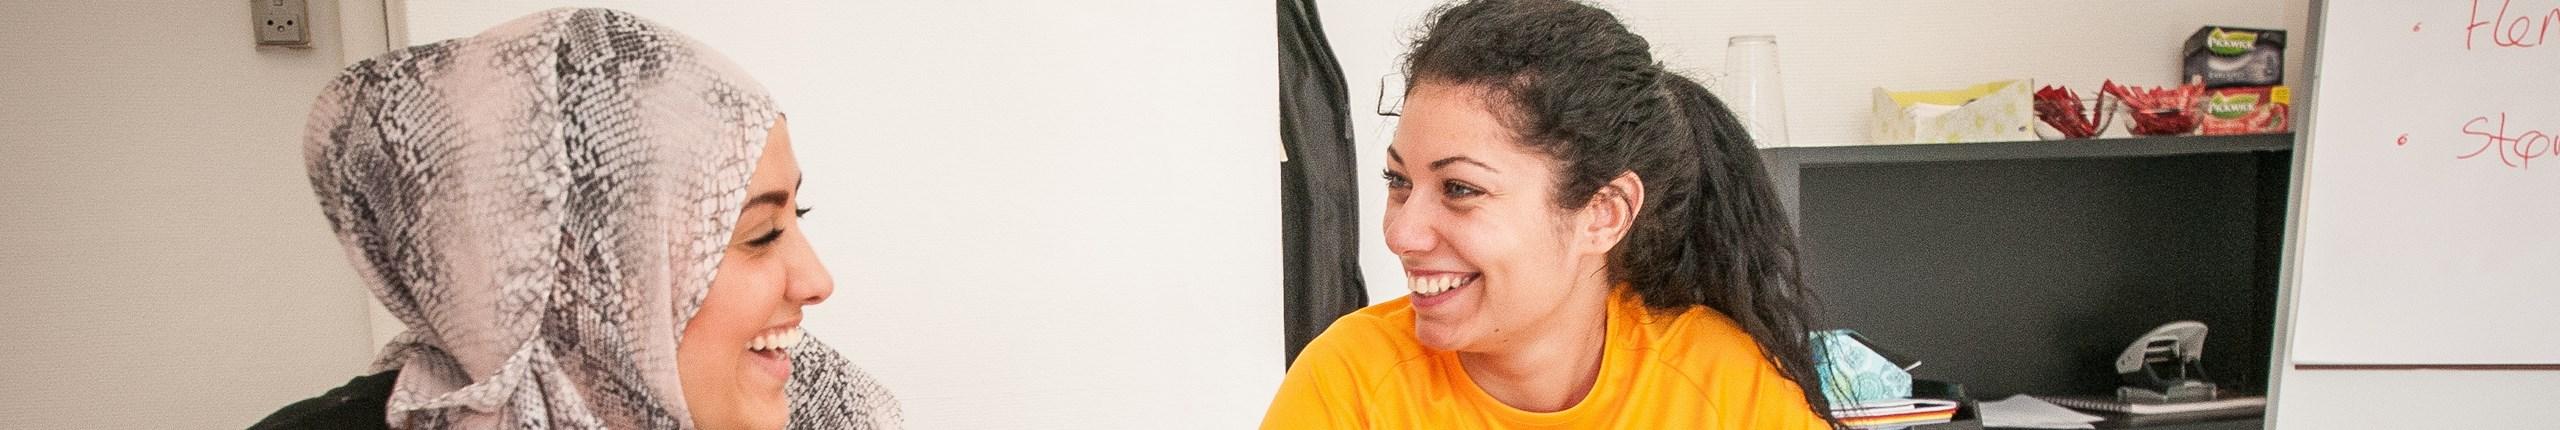 projekter og med kvinder med etnisk minoritetsbaggrund